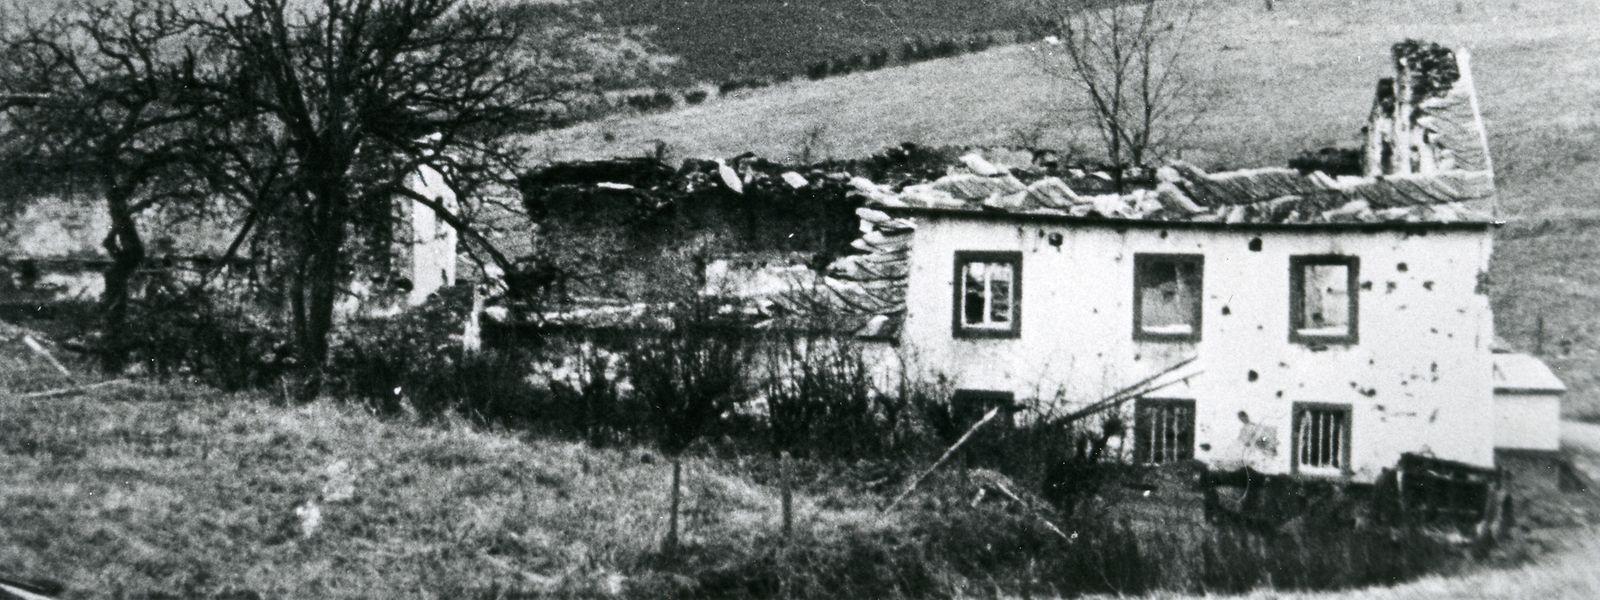 Der Hof der Familie Hoelpes in Kalborn nach der Ardennenoffensive.